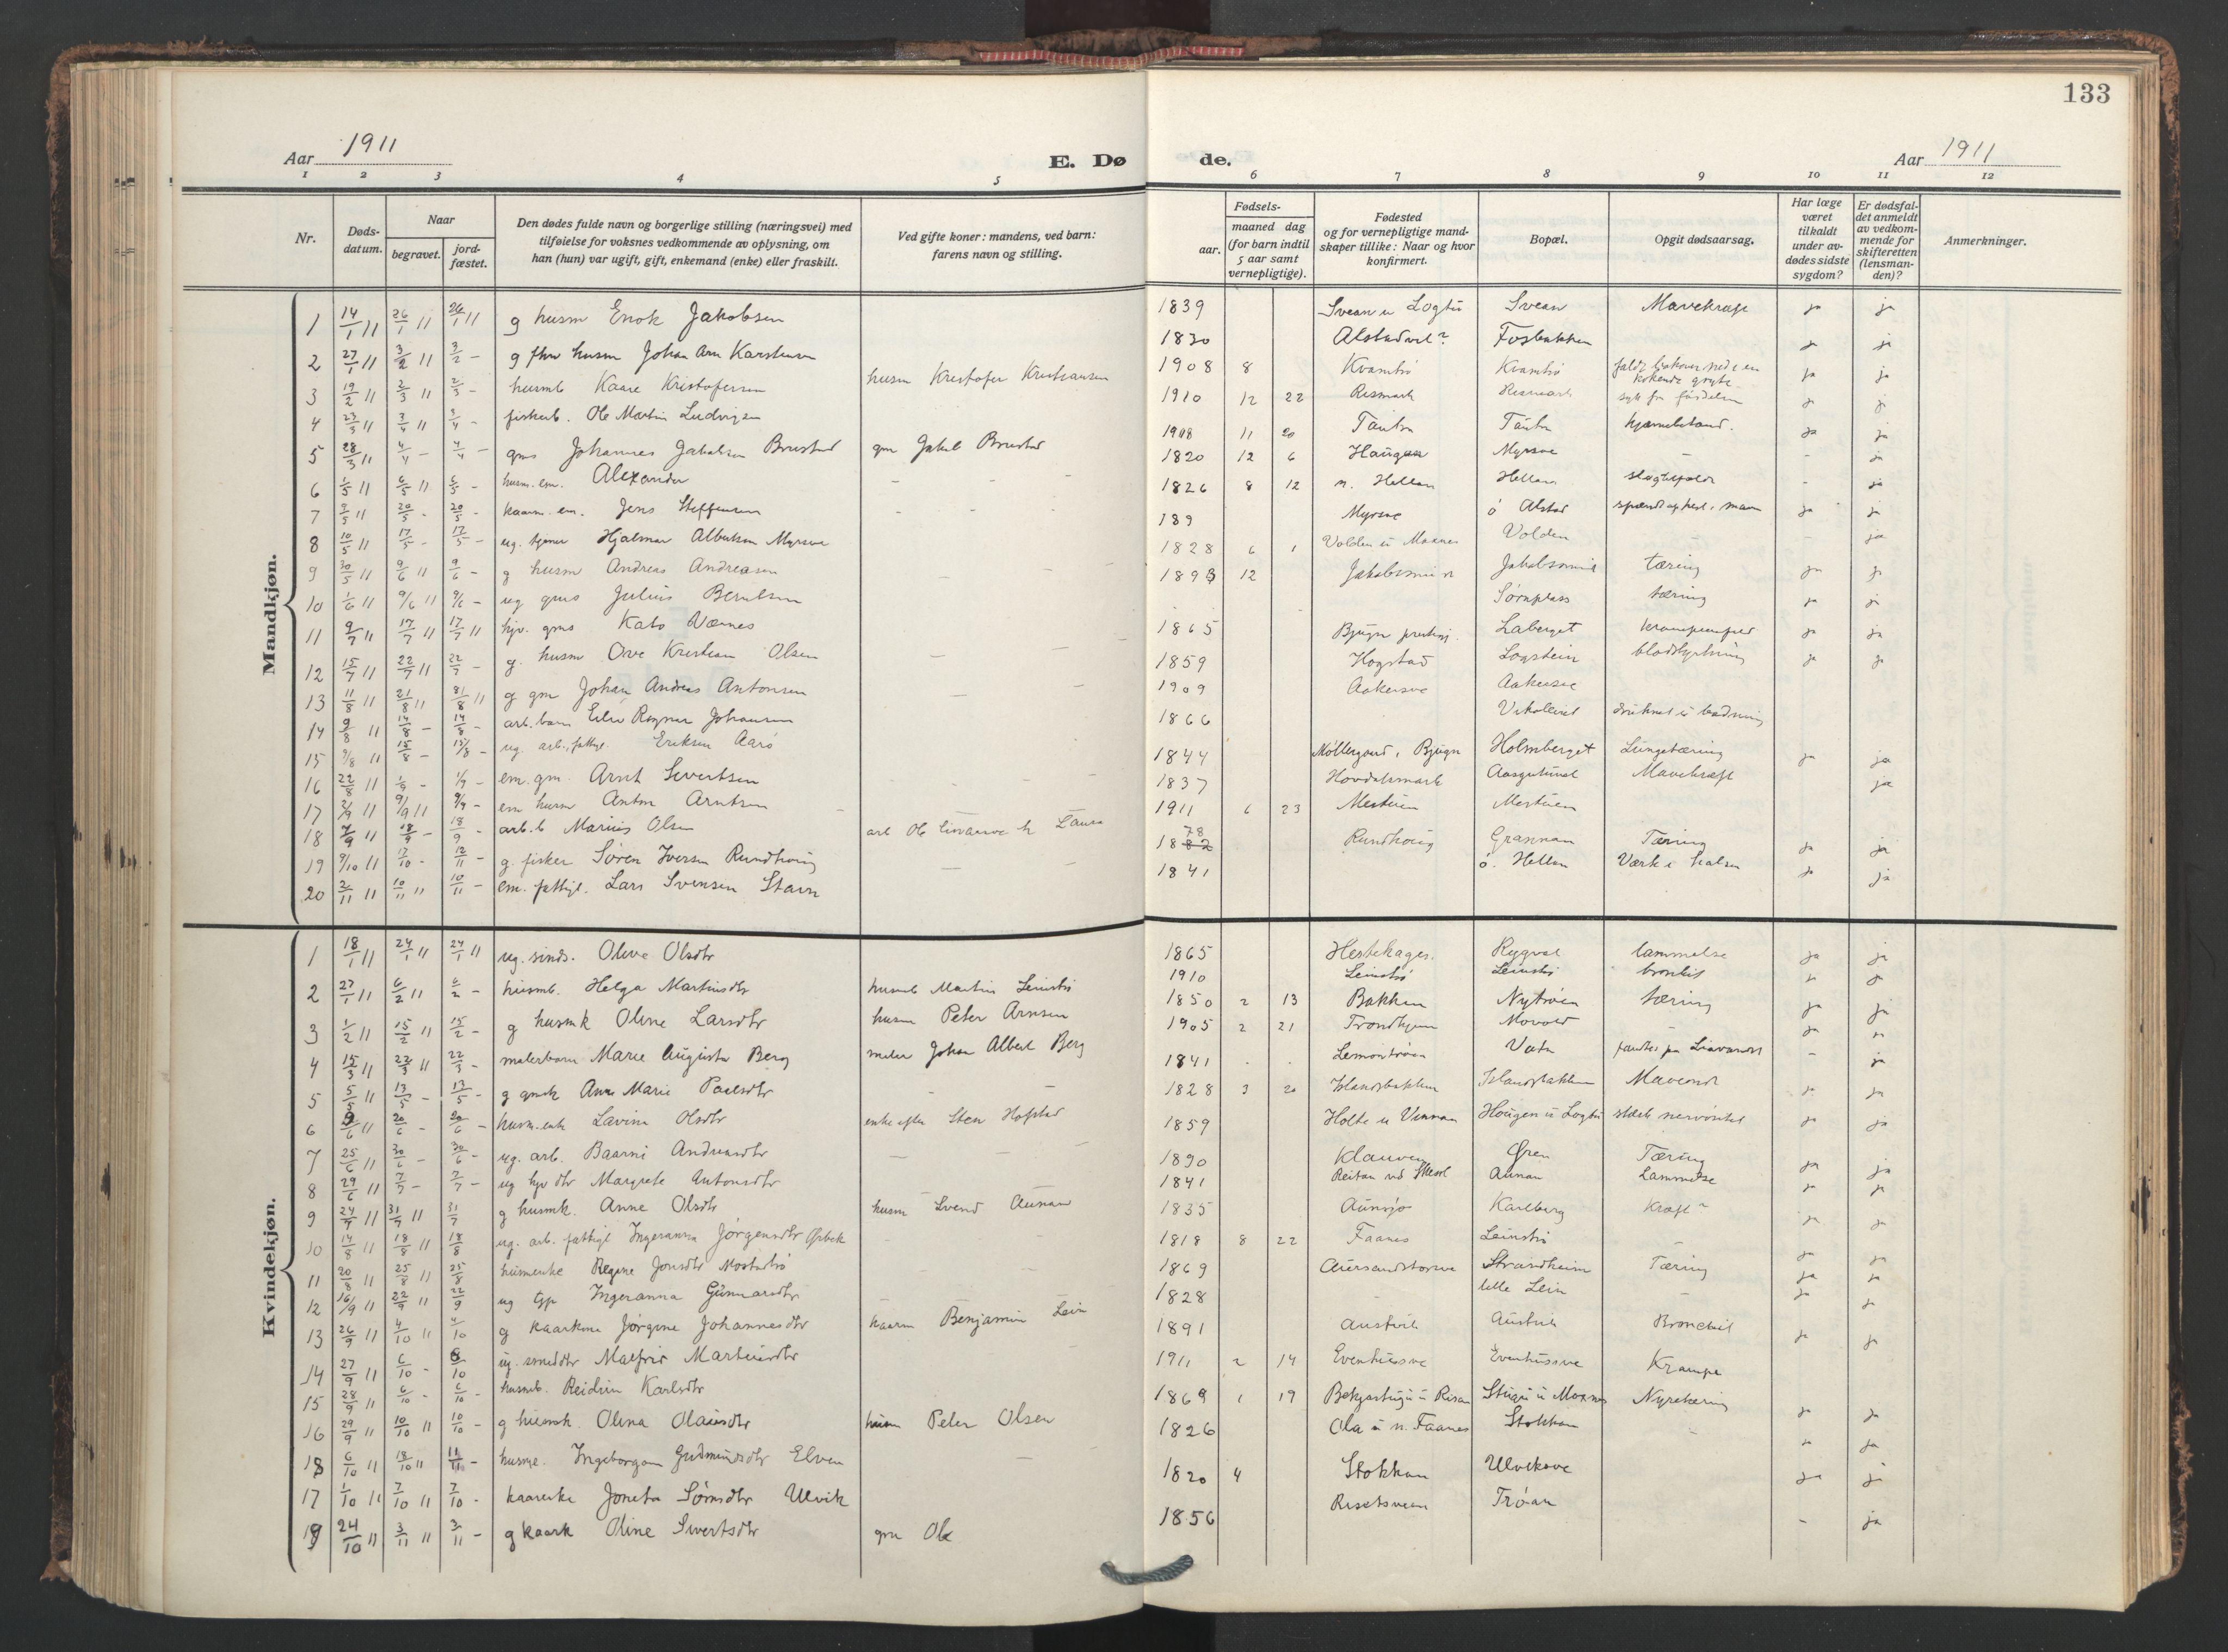 SAT, Ministerialprotokoller, klokkerbøker og fødselsregistre - Nord-Trøndelag, 713/L0123: Ministerialbok nr. 713A12, 1911-1925, s. 133